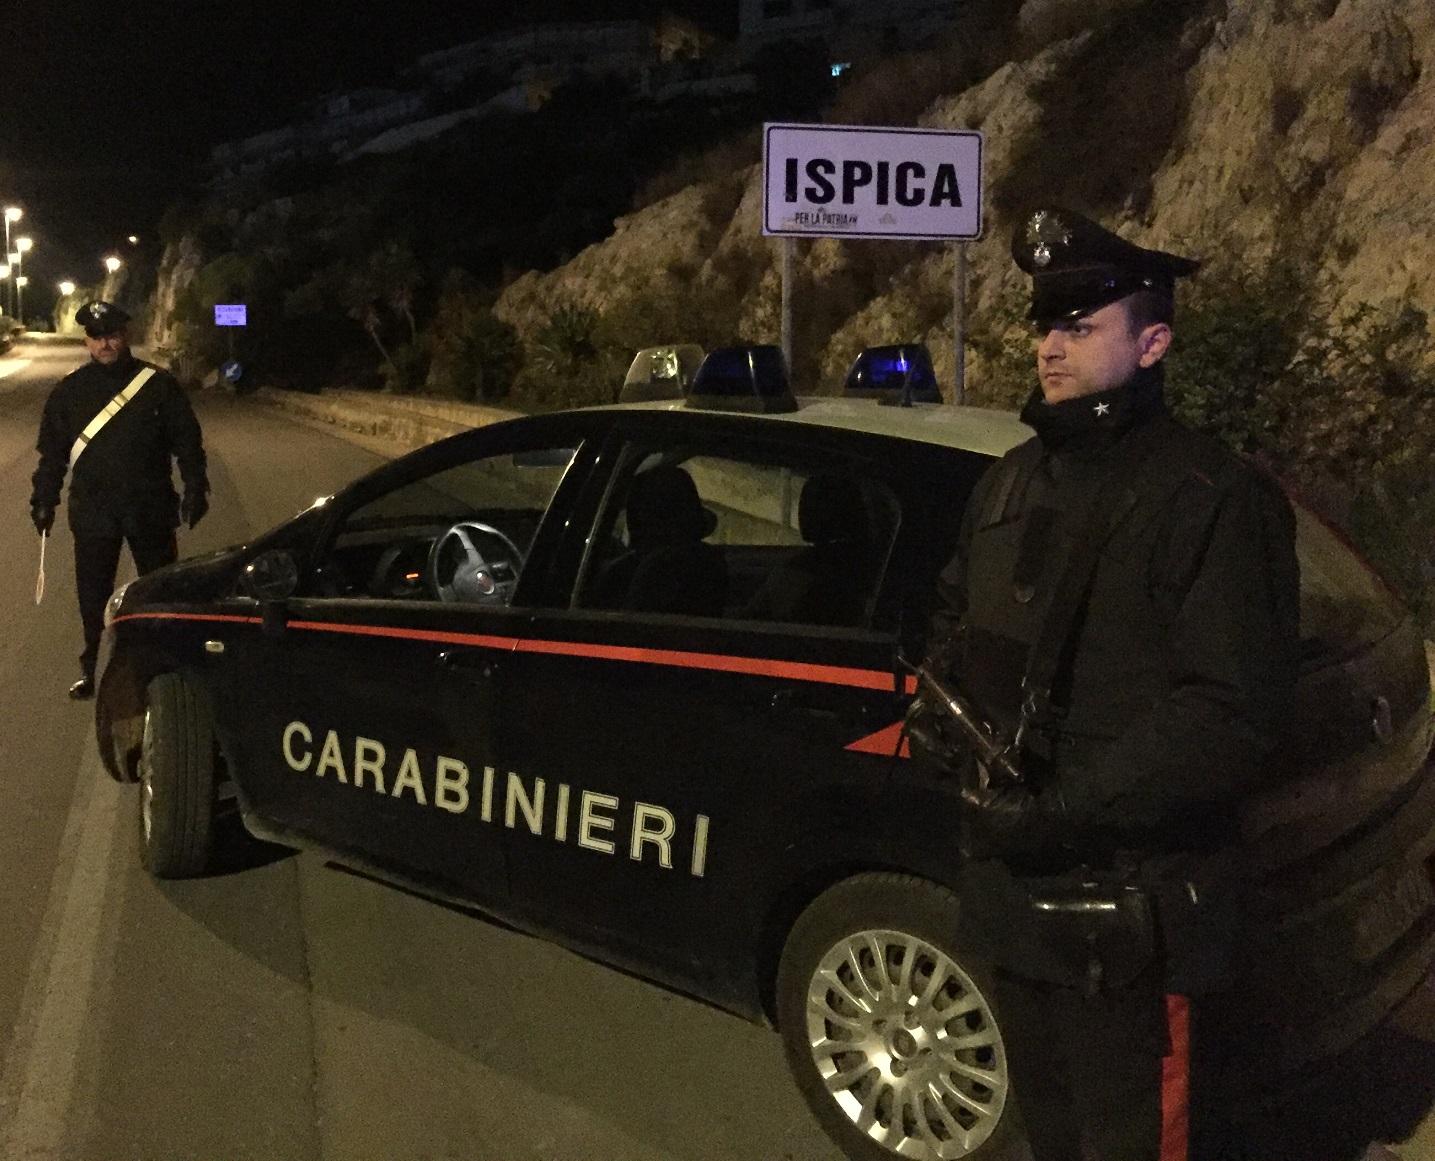 In fuga con un'auto rubata a una donna di Ispica: inseguiti e presi due ladri